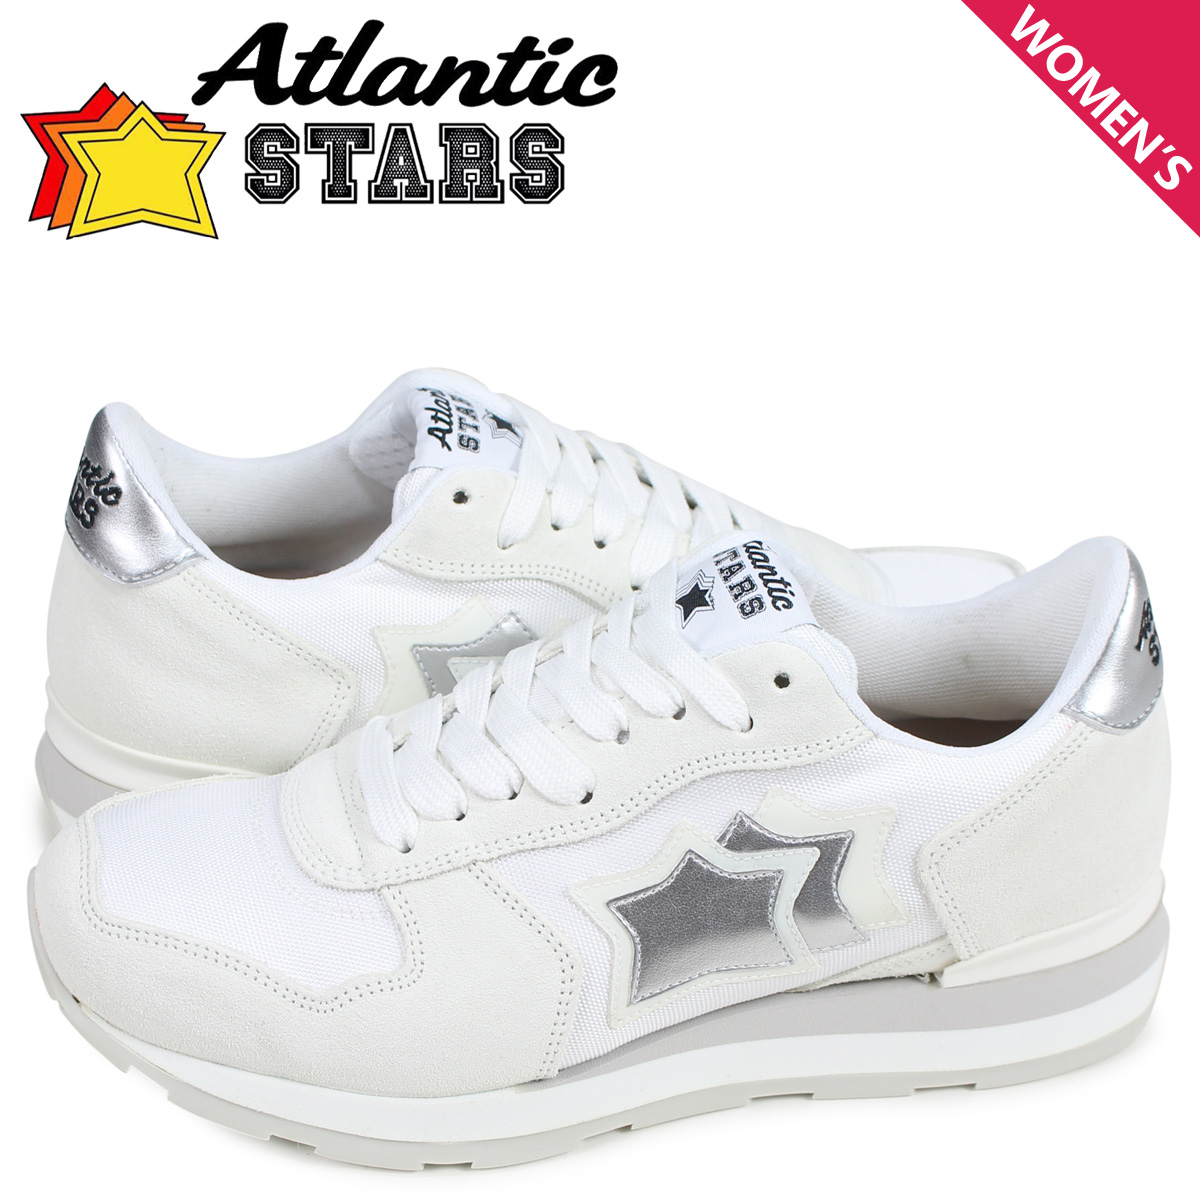 アトランティックスターズ Atlantic STARS ベガ スニーカー レディース VEGA ホワイト 白 BA-86B [予約 5月上旬 追加入荷予定]